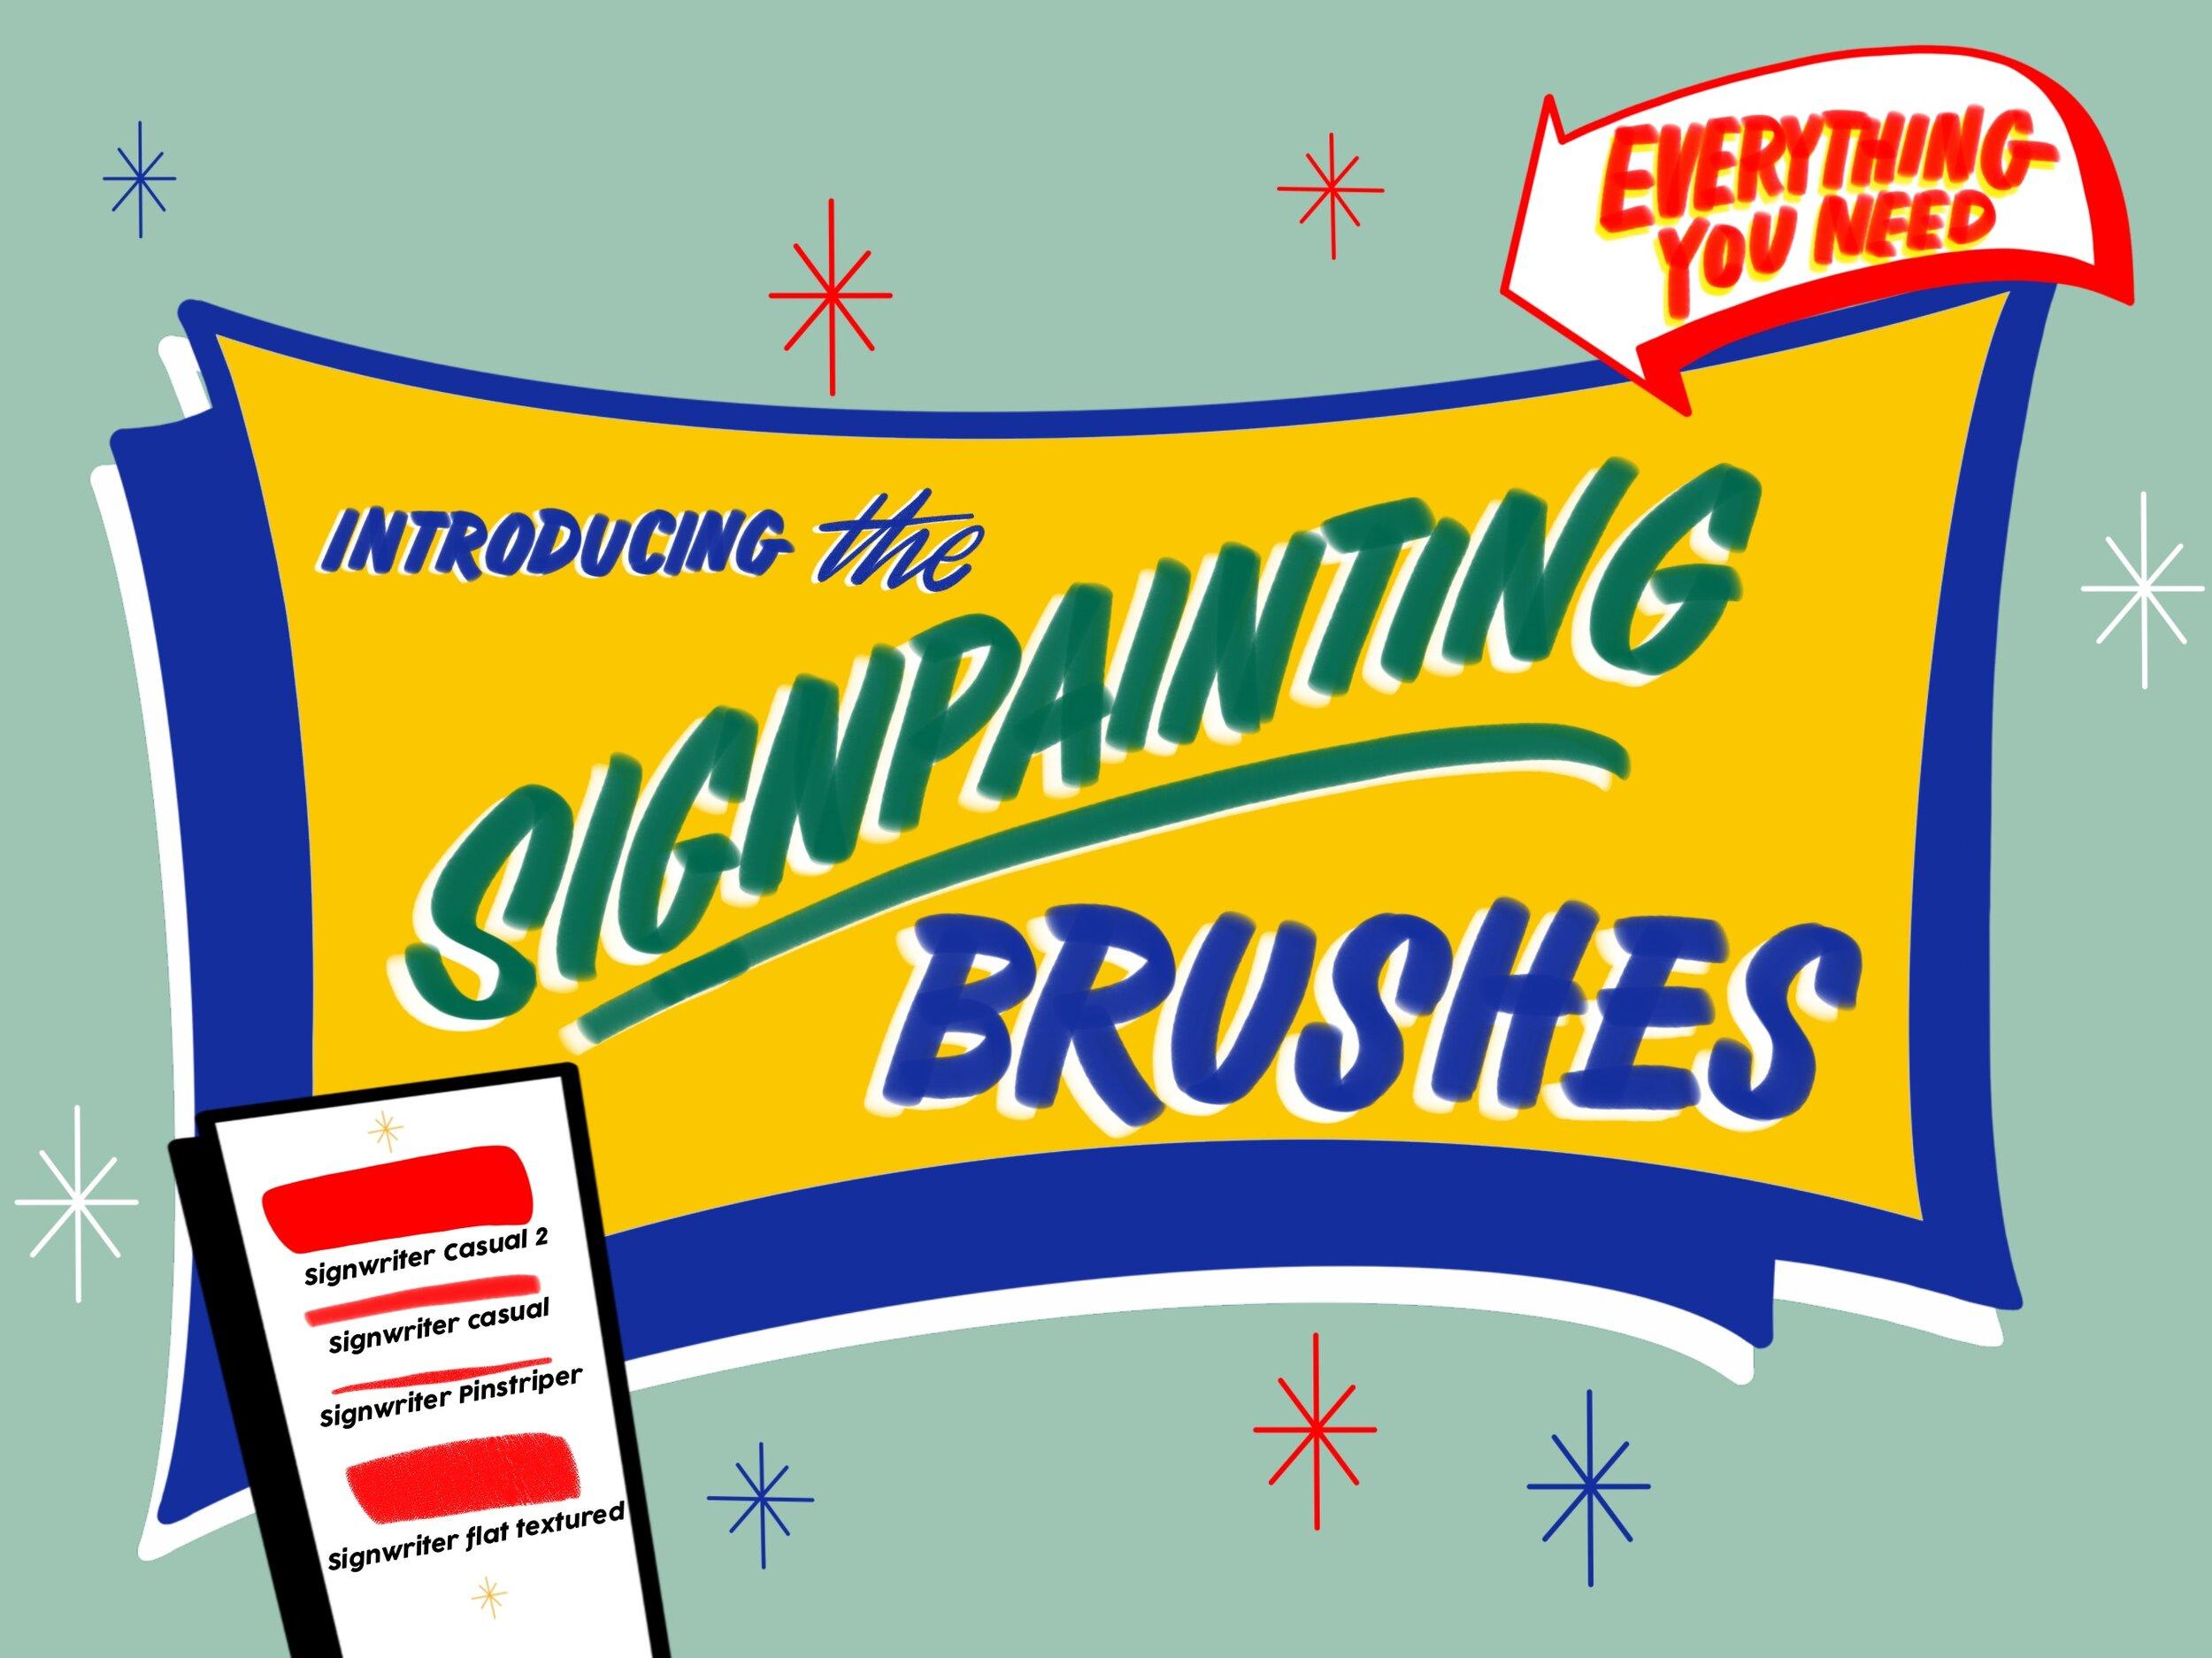 Meet The Brushes.jpg